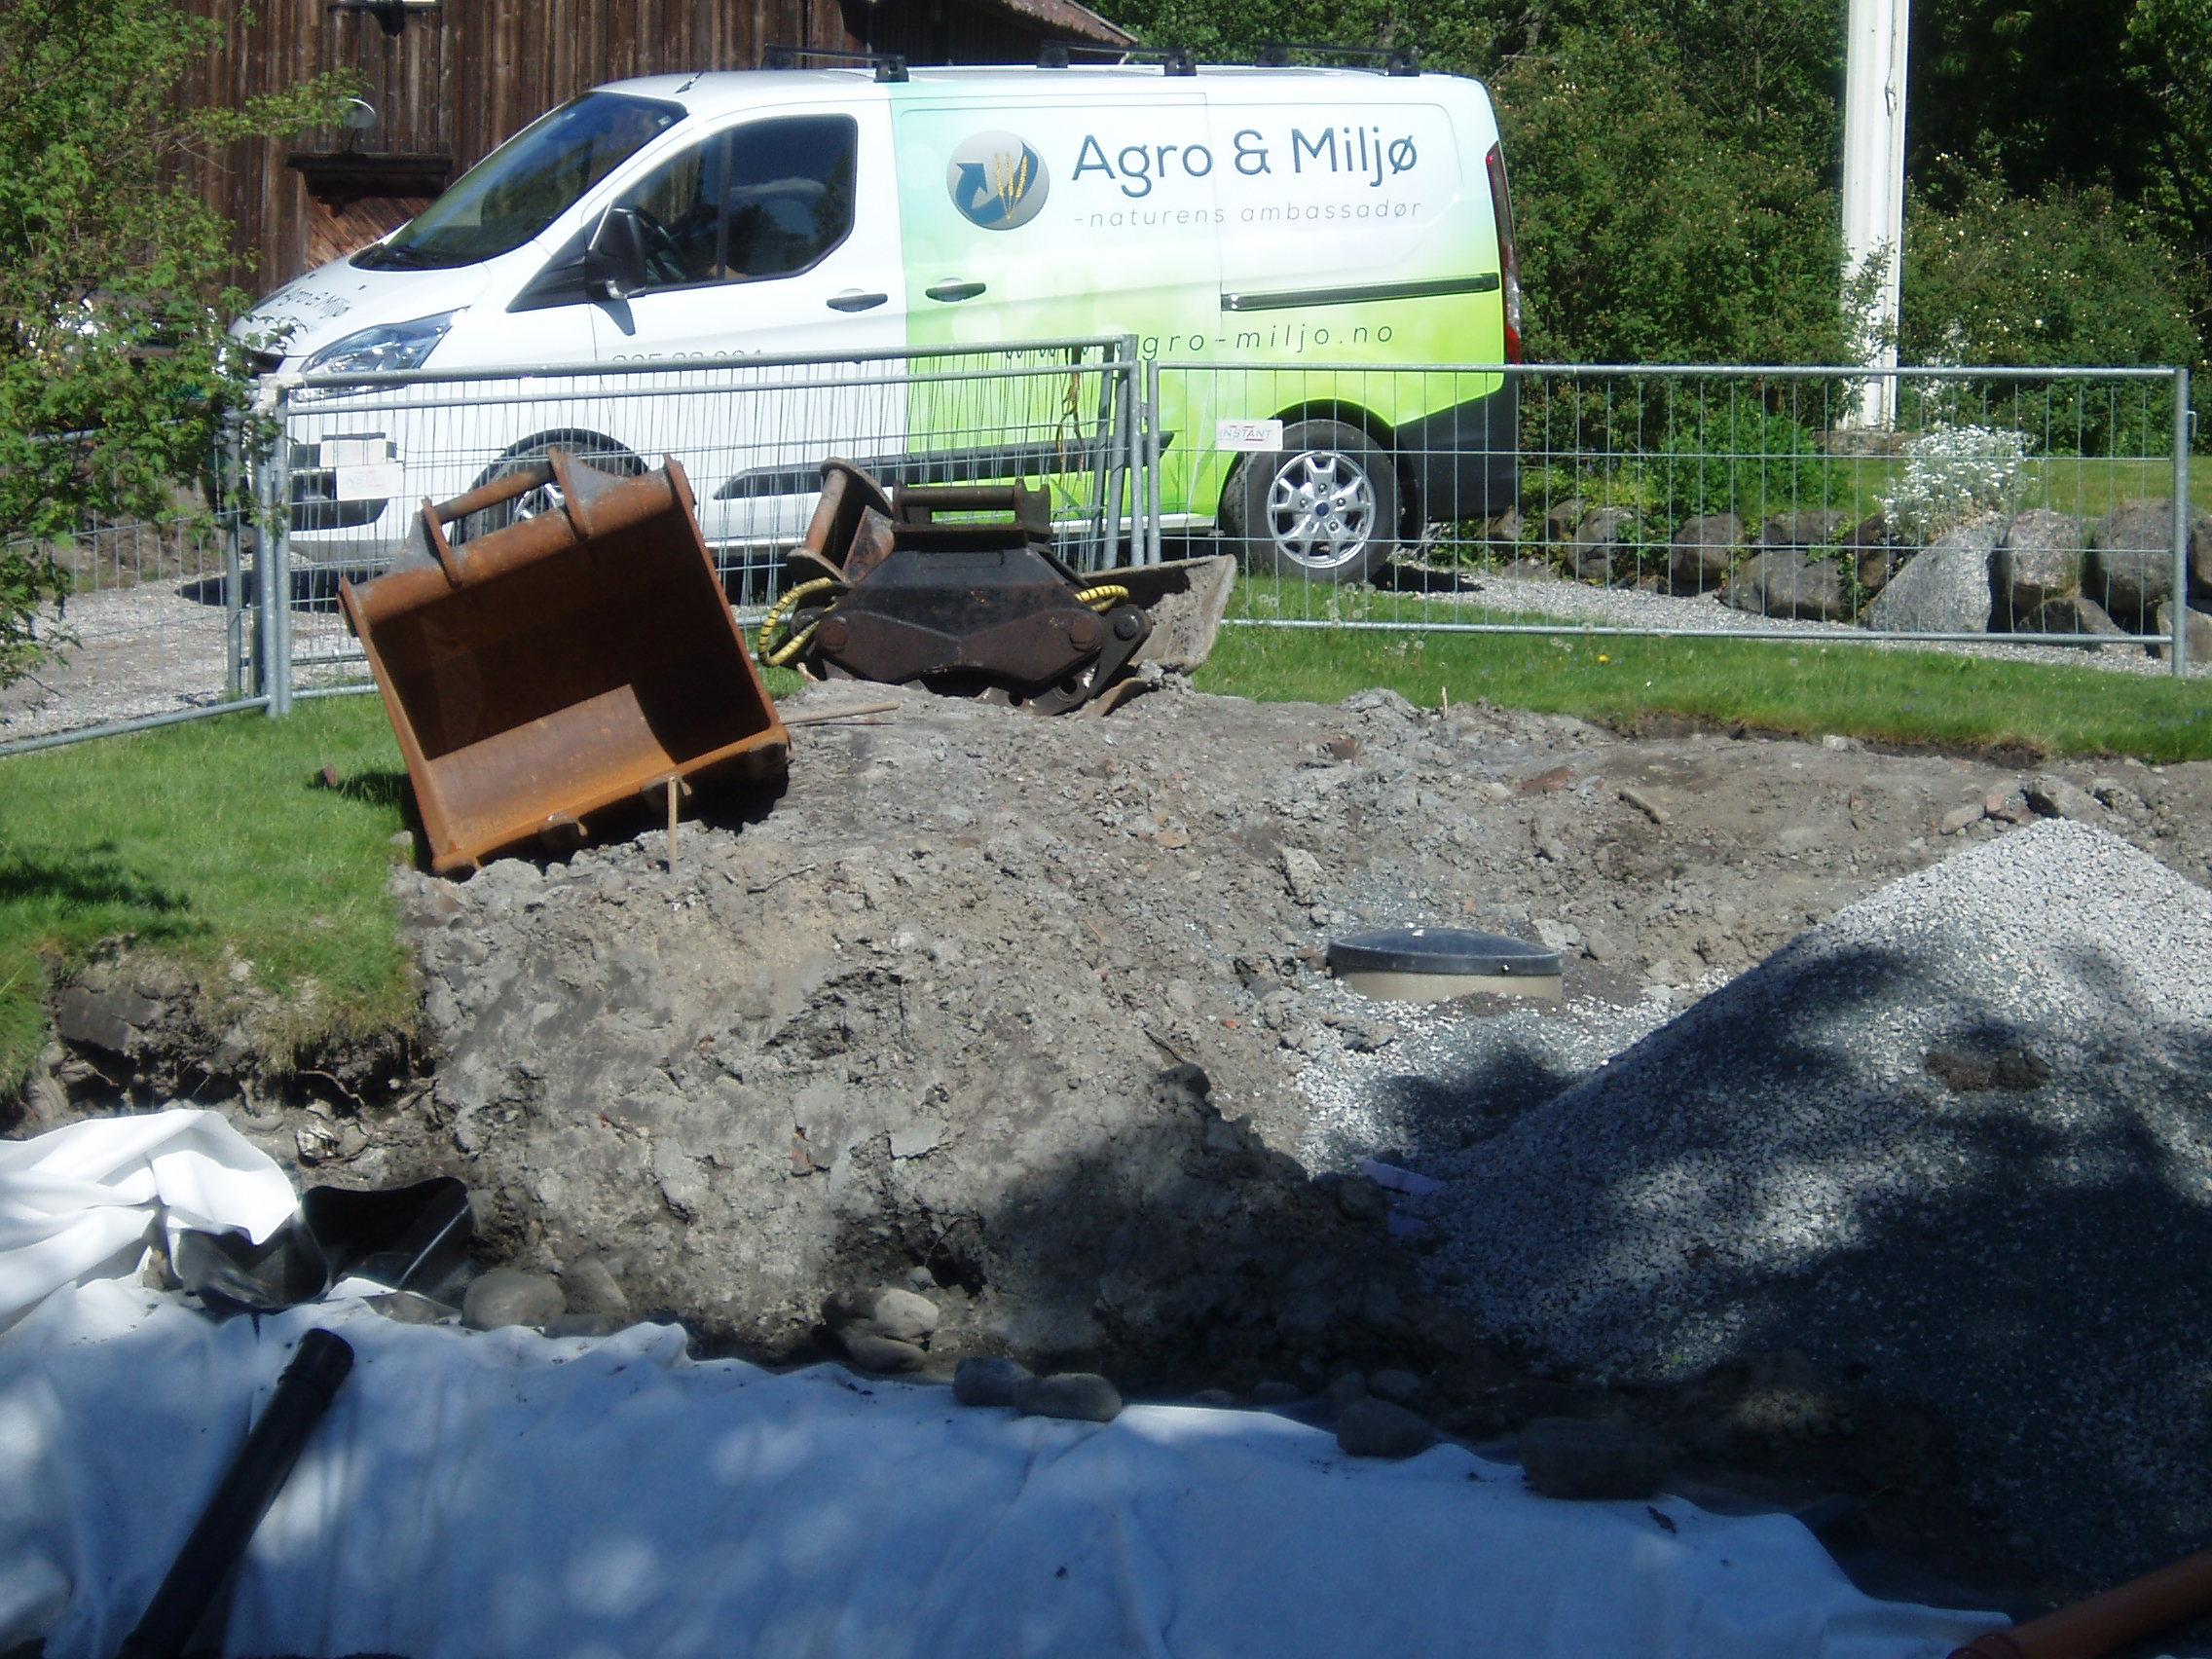 Agro & Miljø bil